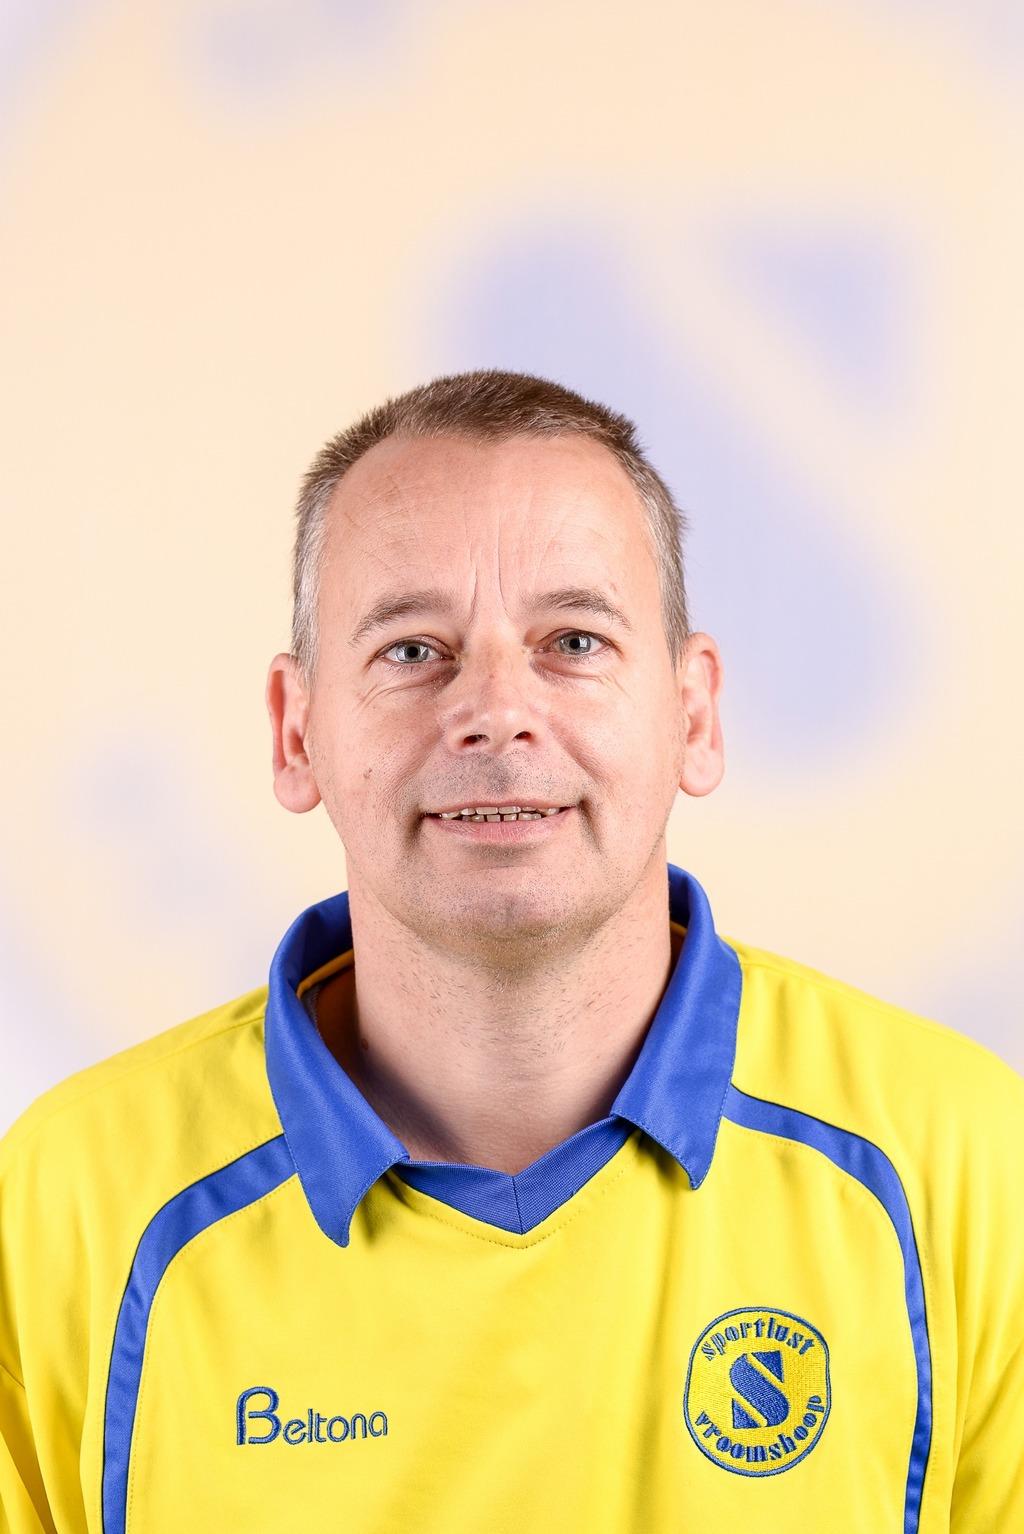 Herman Nieuwlaar